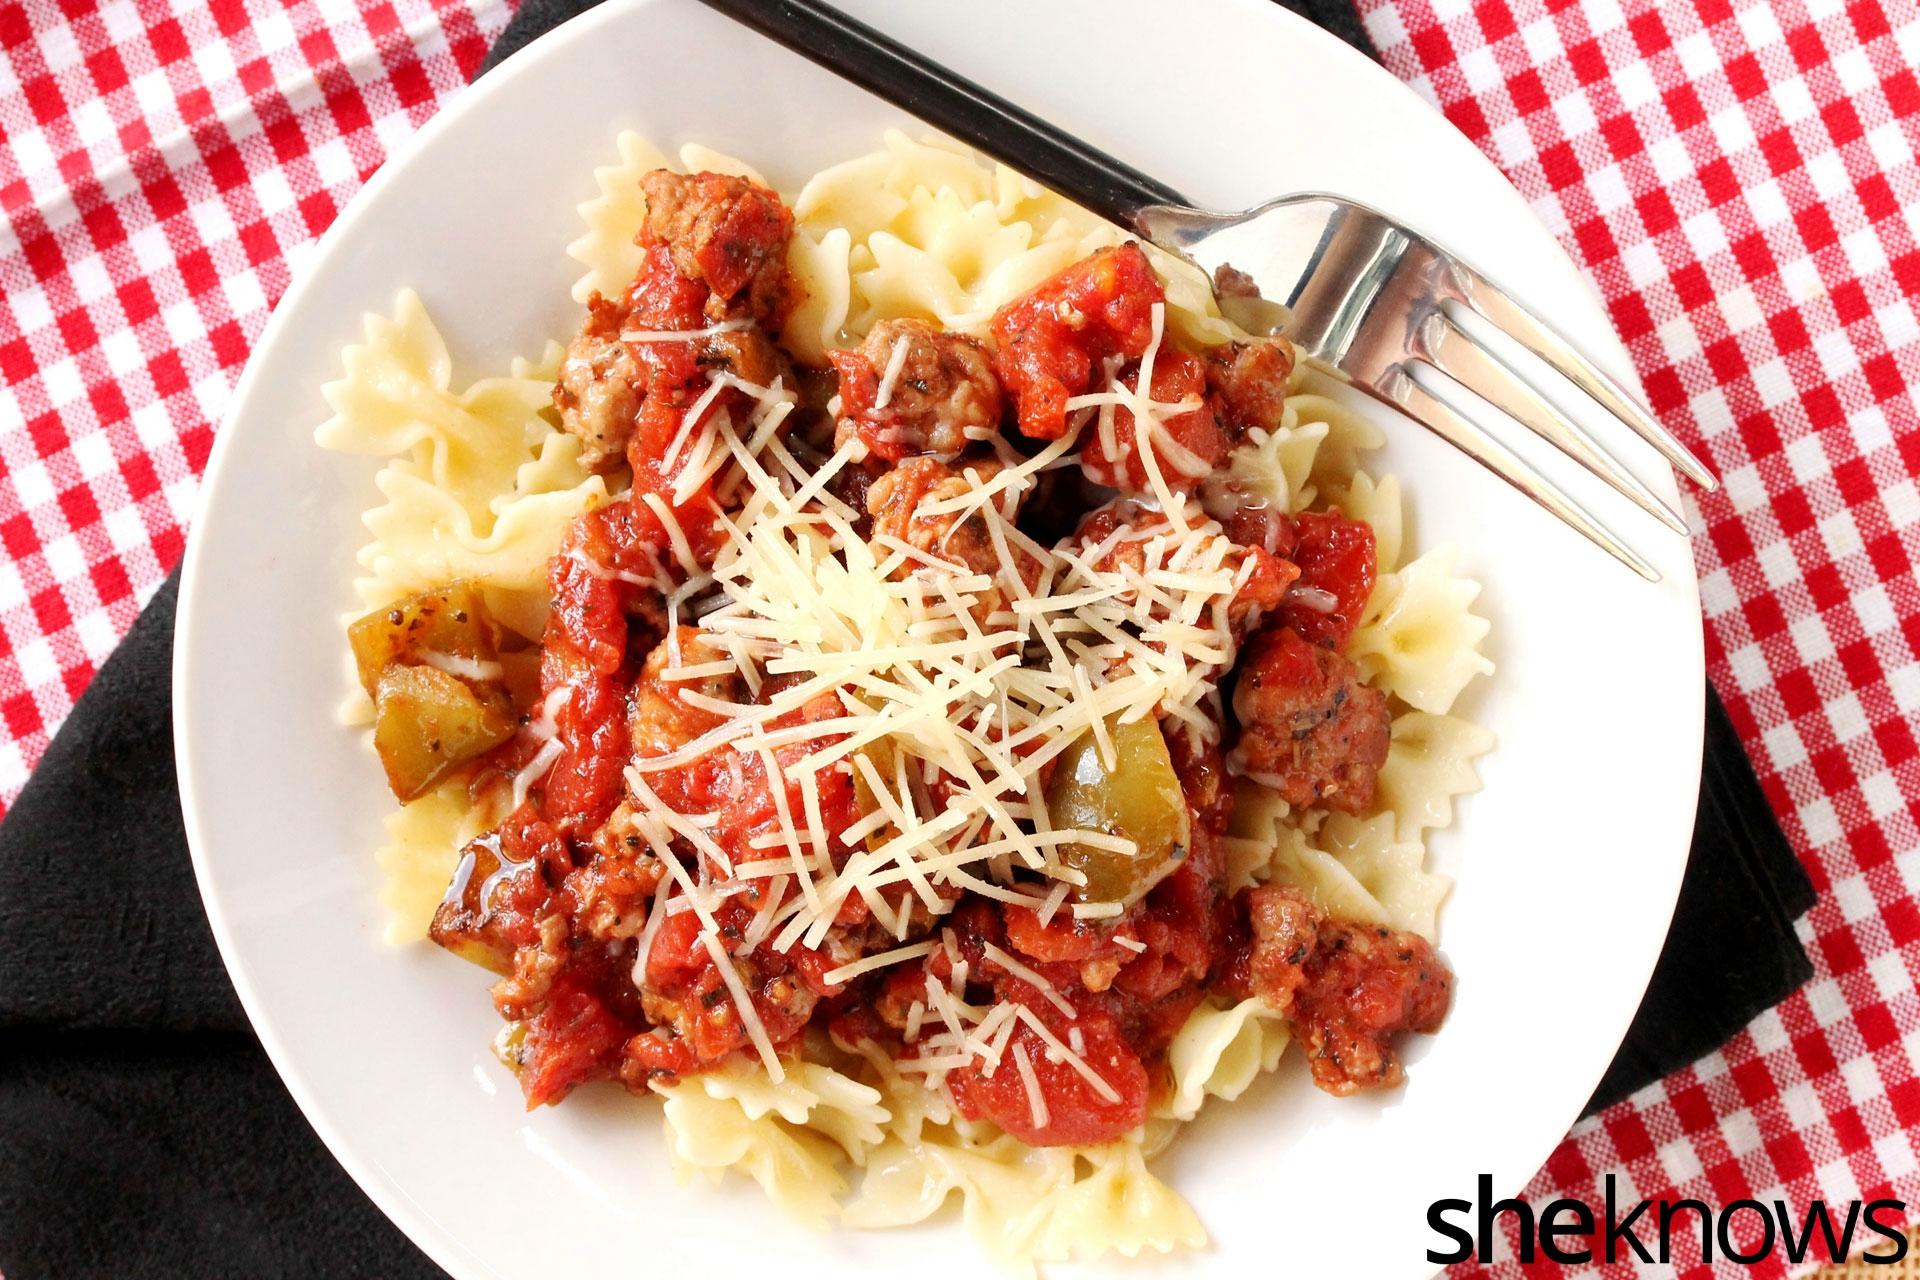 rosemary-italian-sausage-sauce